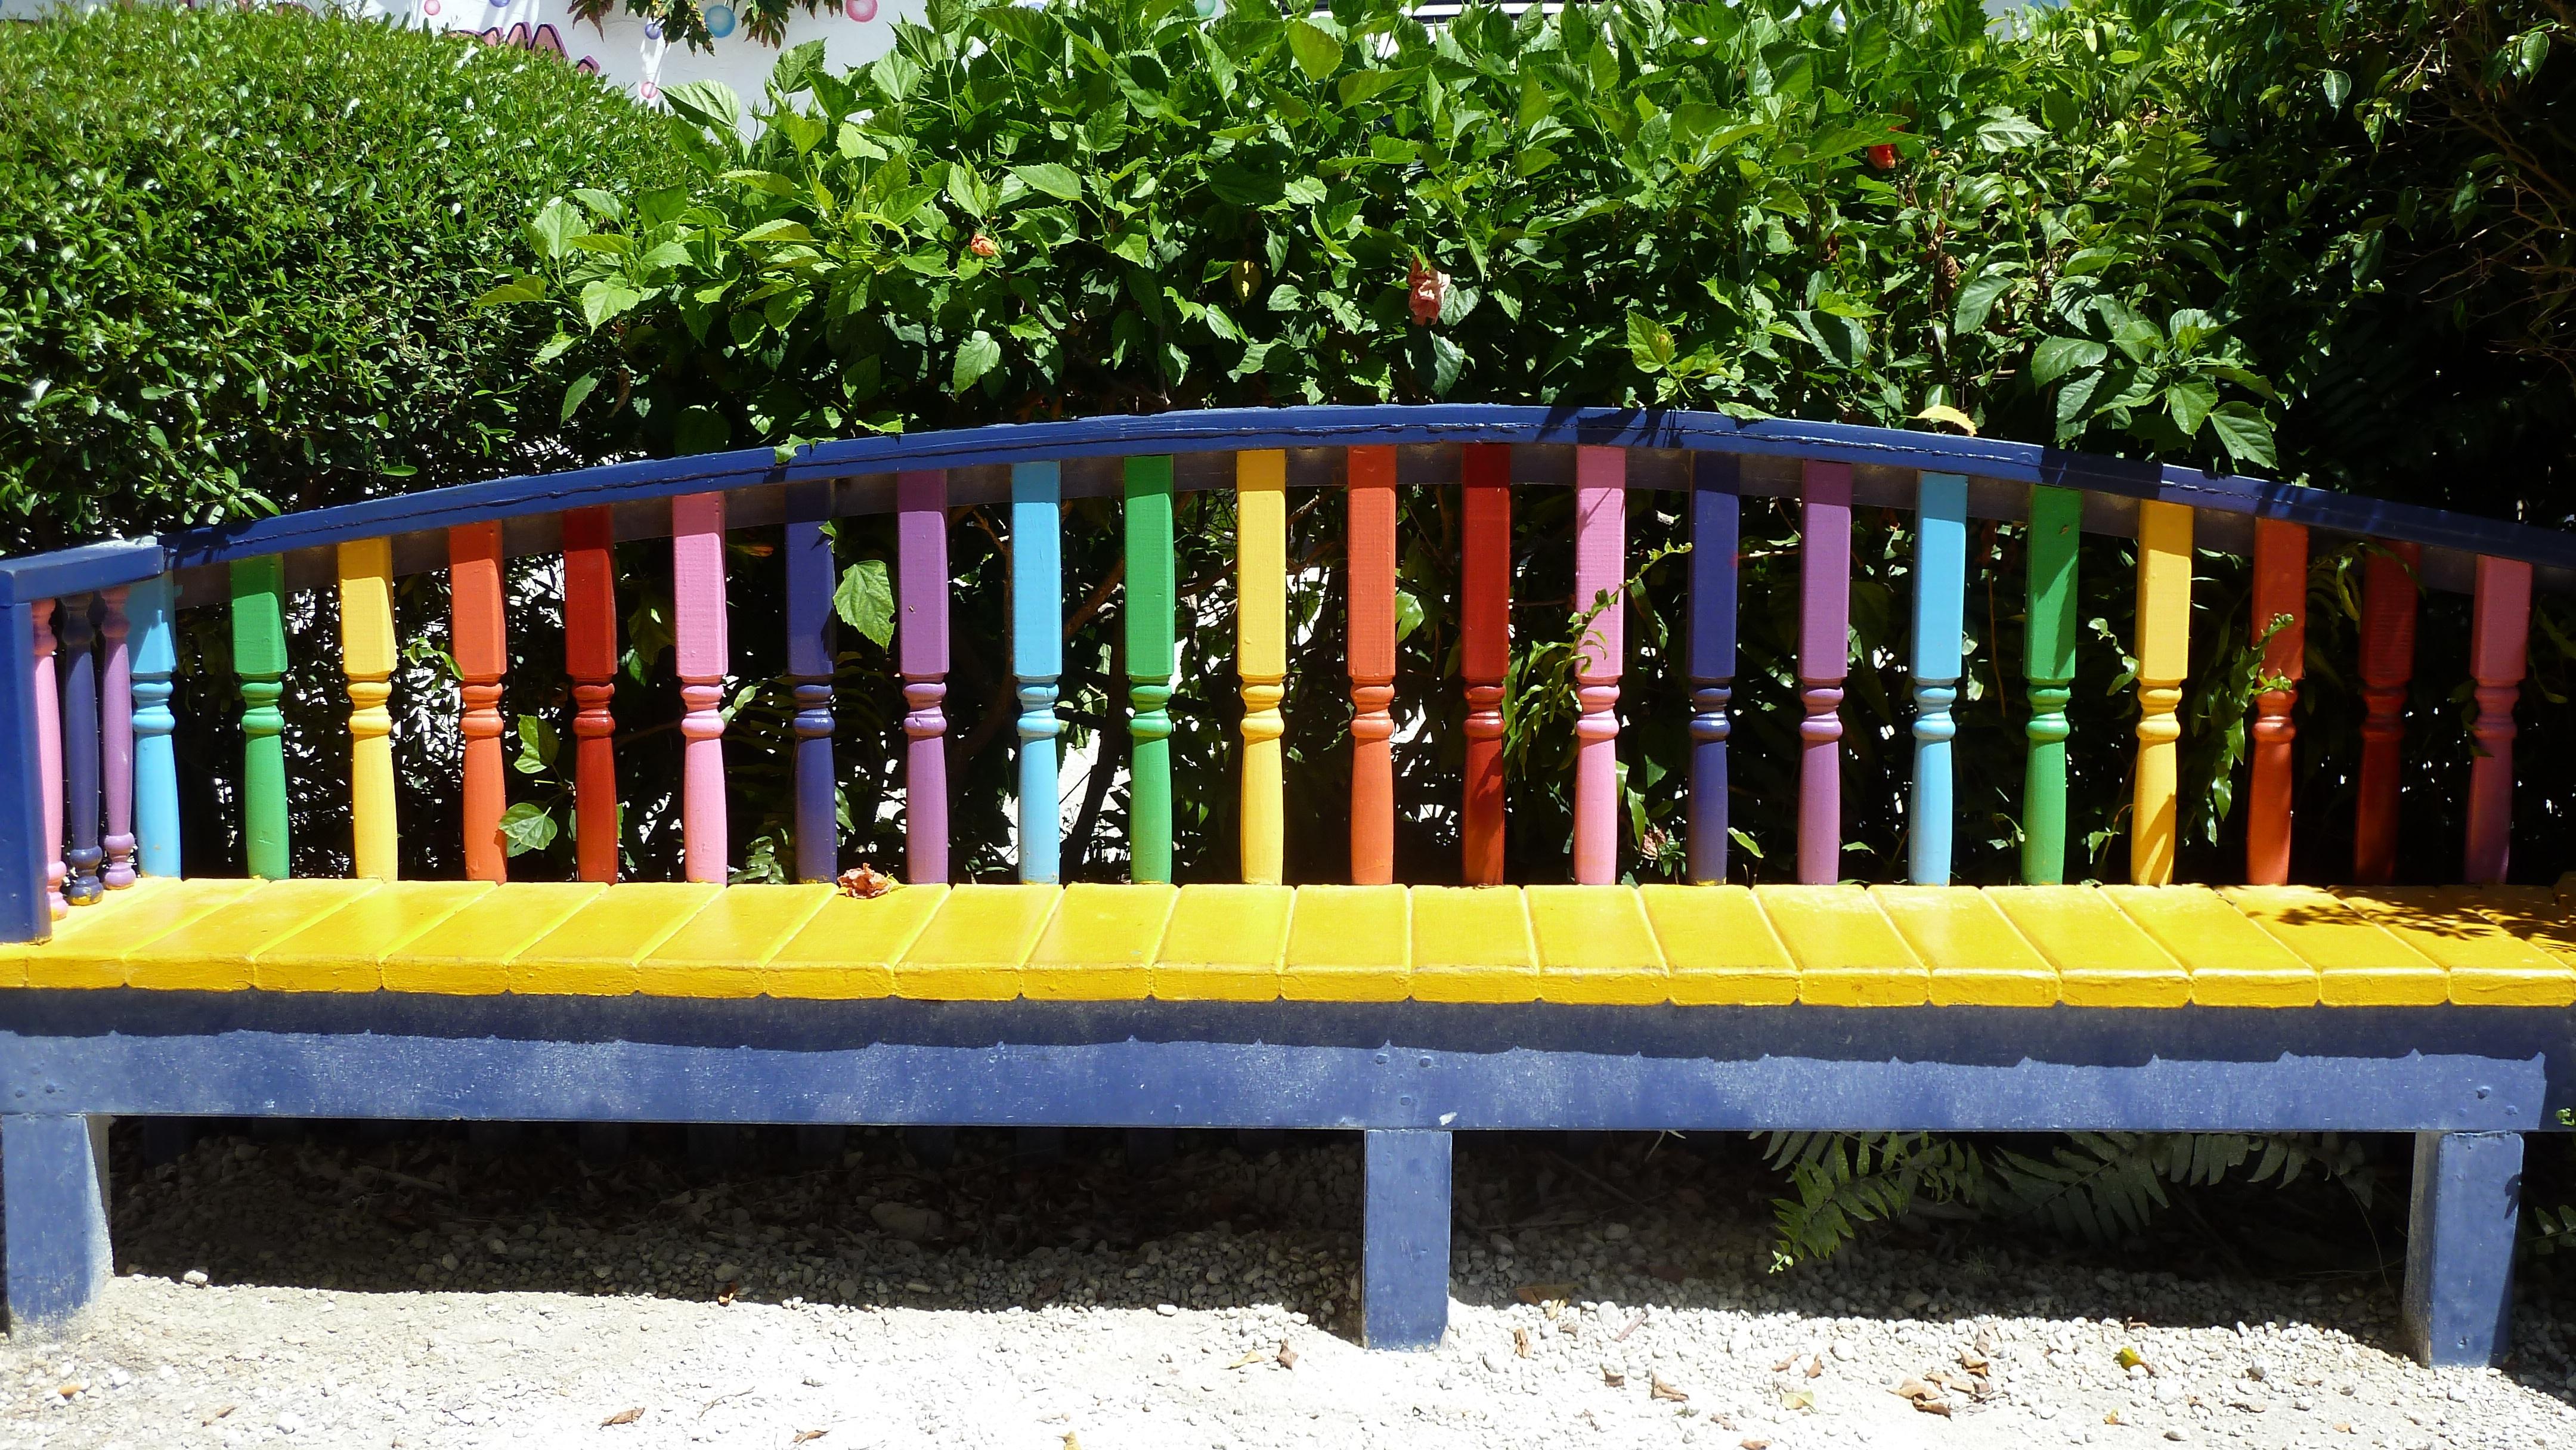 Fotos gratis : banco, jugar, asiento, ciudad, vistoso, patio ...